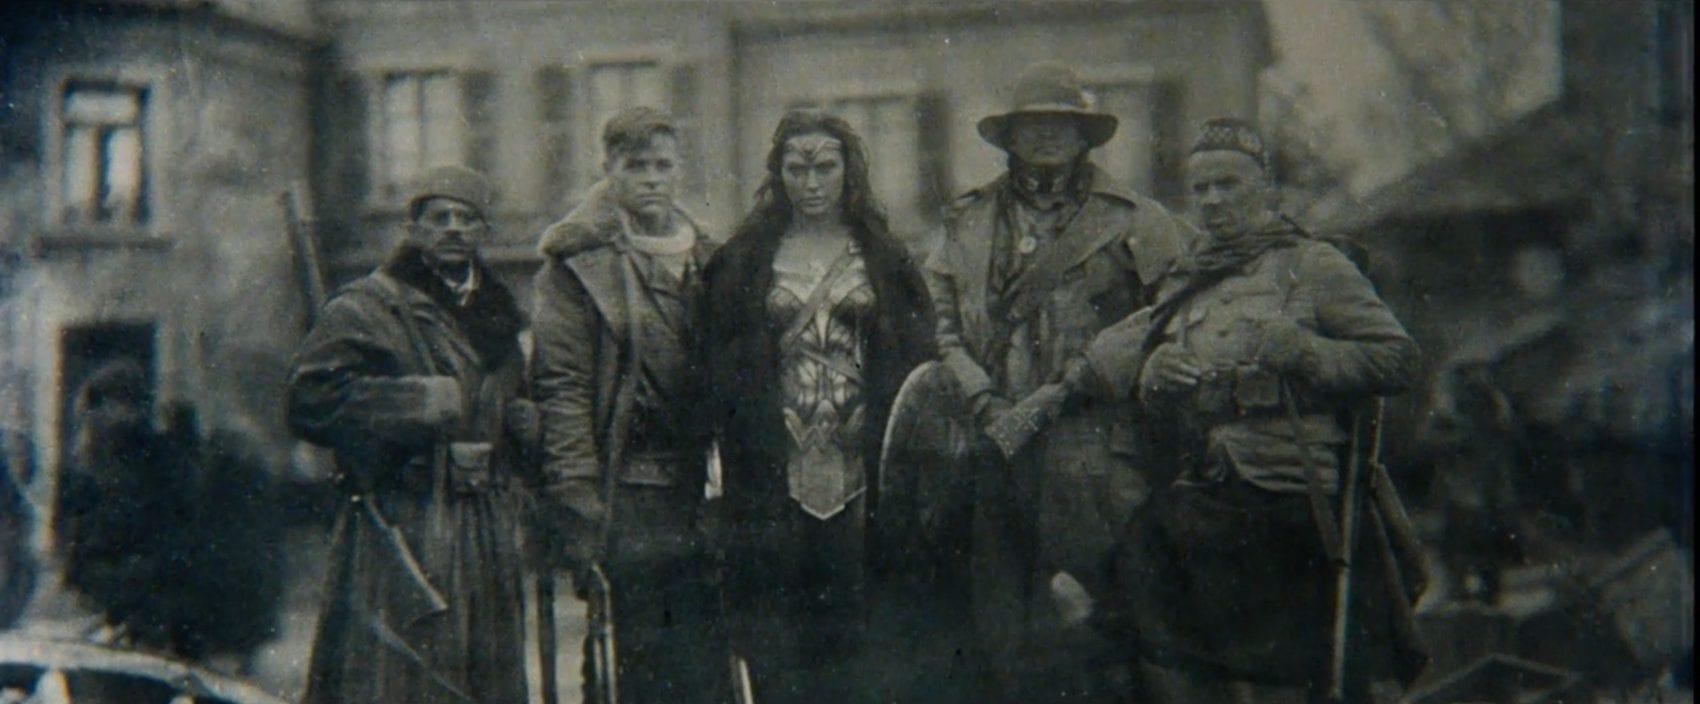 Wonder Woman Review My Geek Actu Photo